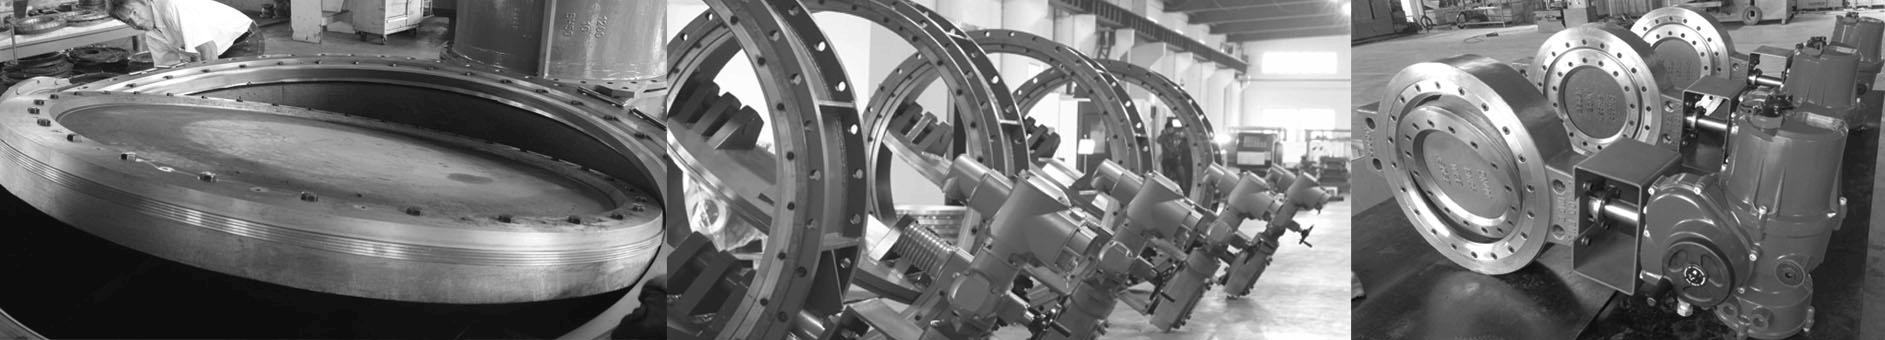 Robvalve Robinetterie Industrielle Fabricant Concepteur